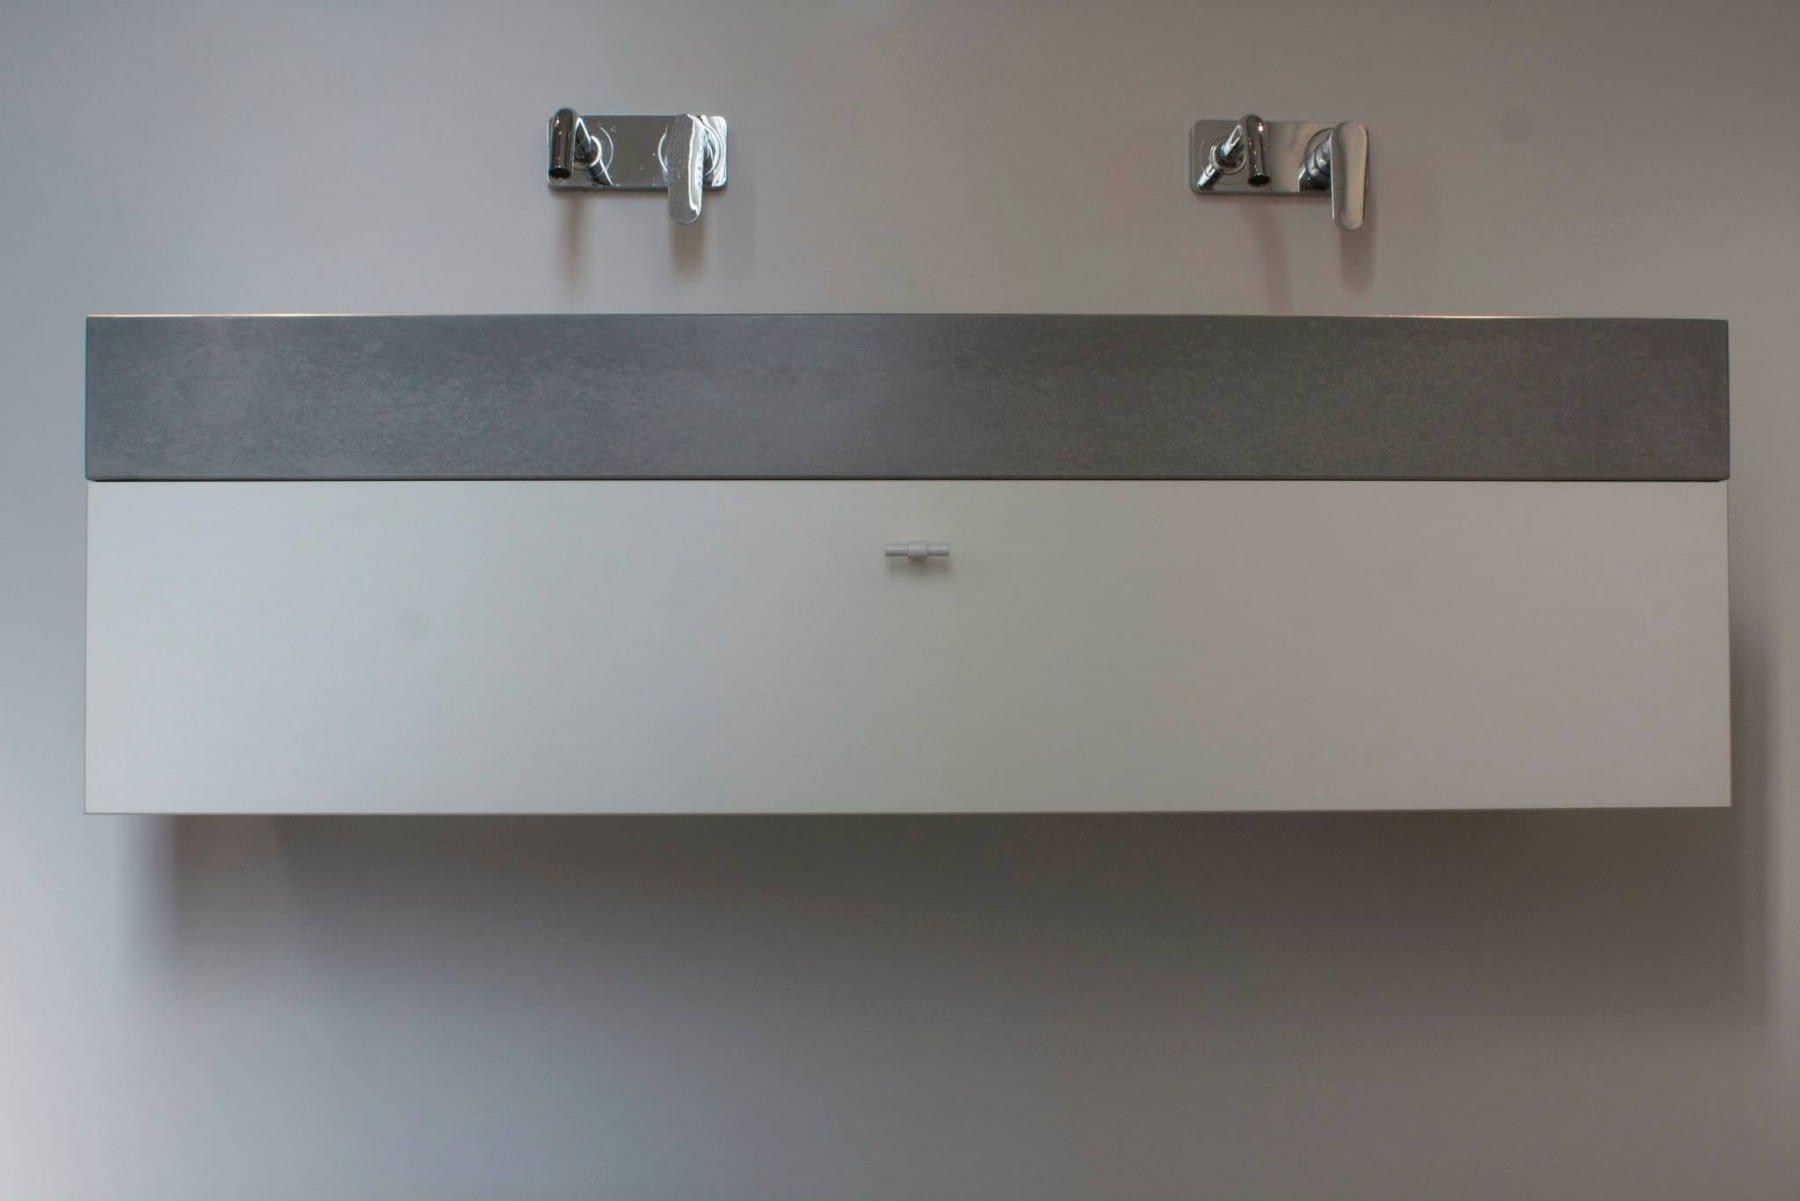 zwevend badkamermeubel meubelmakerij houtkwadraat